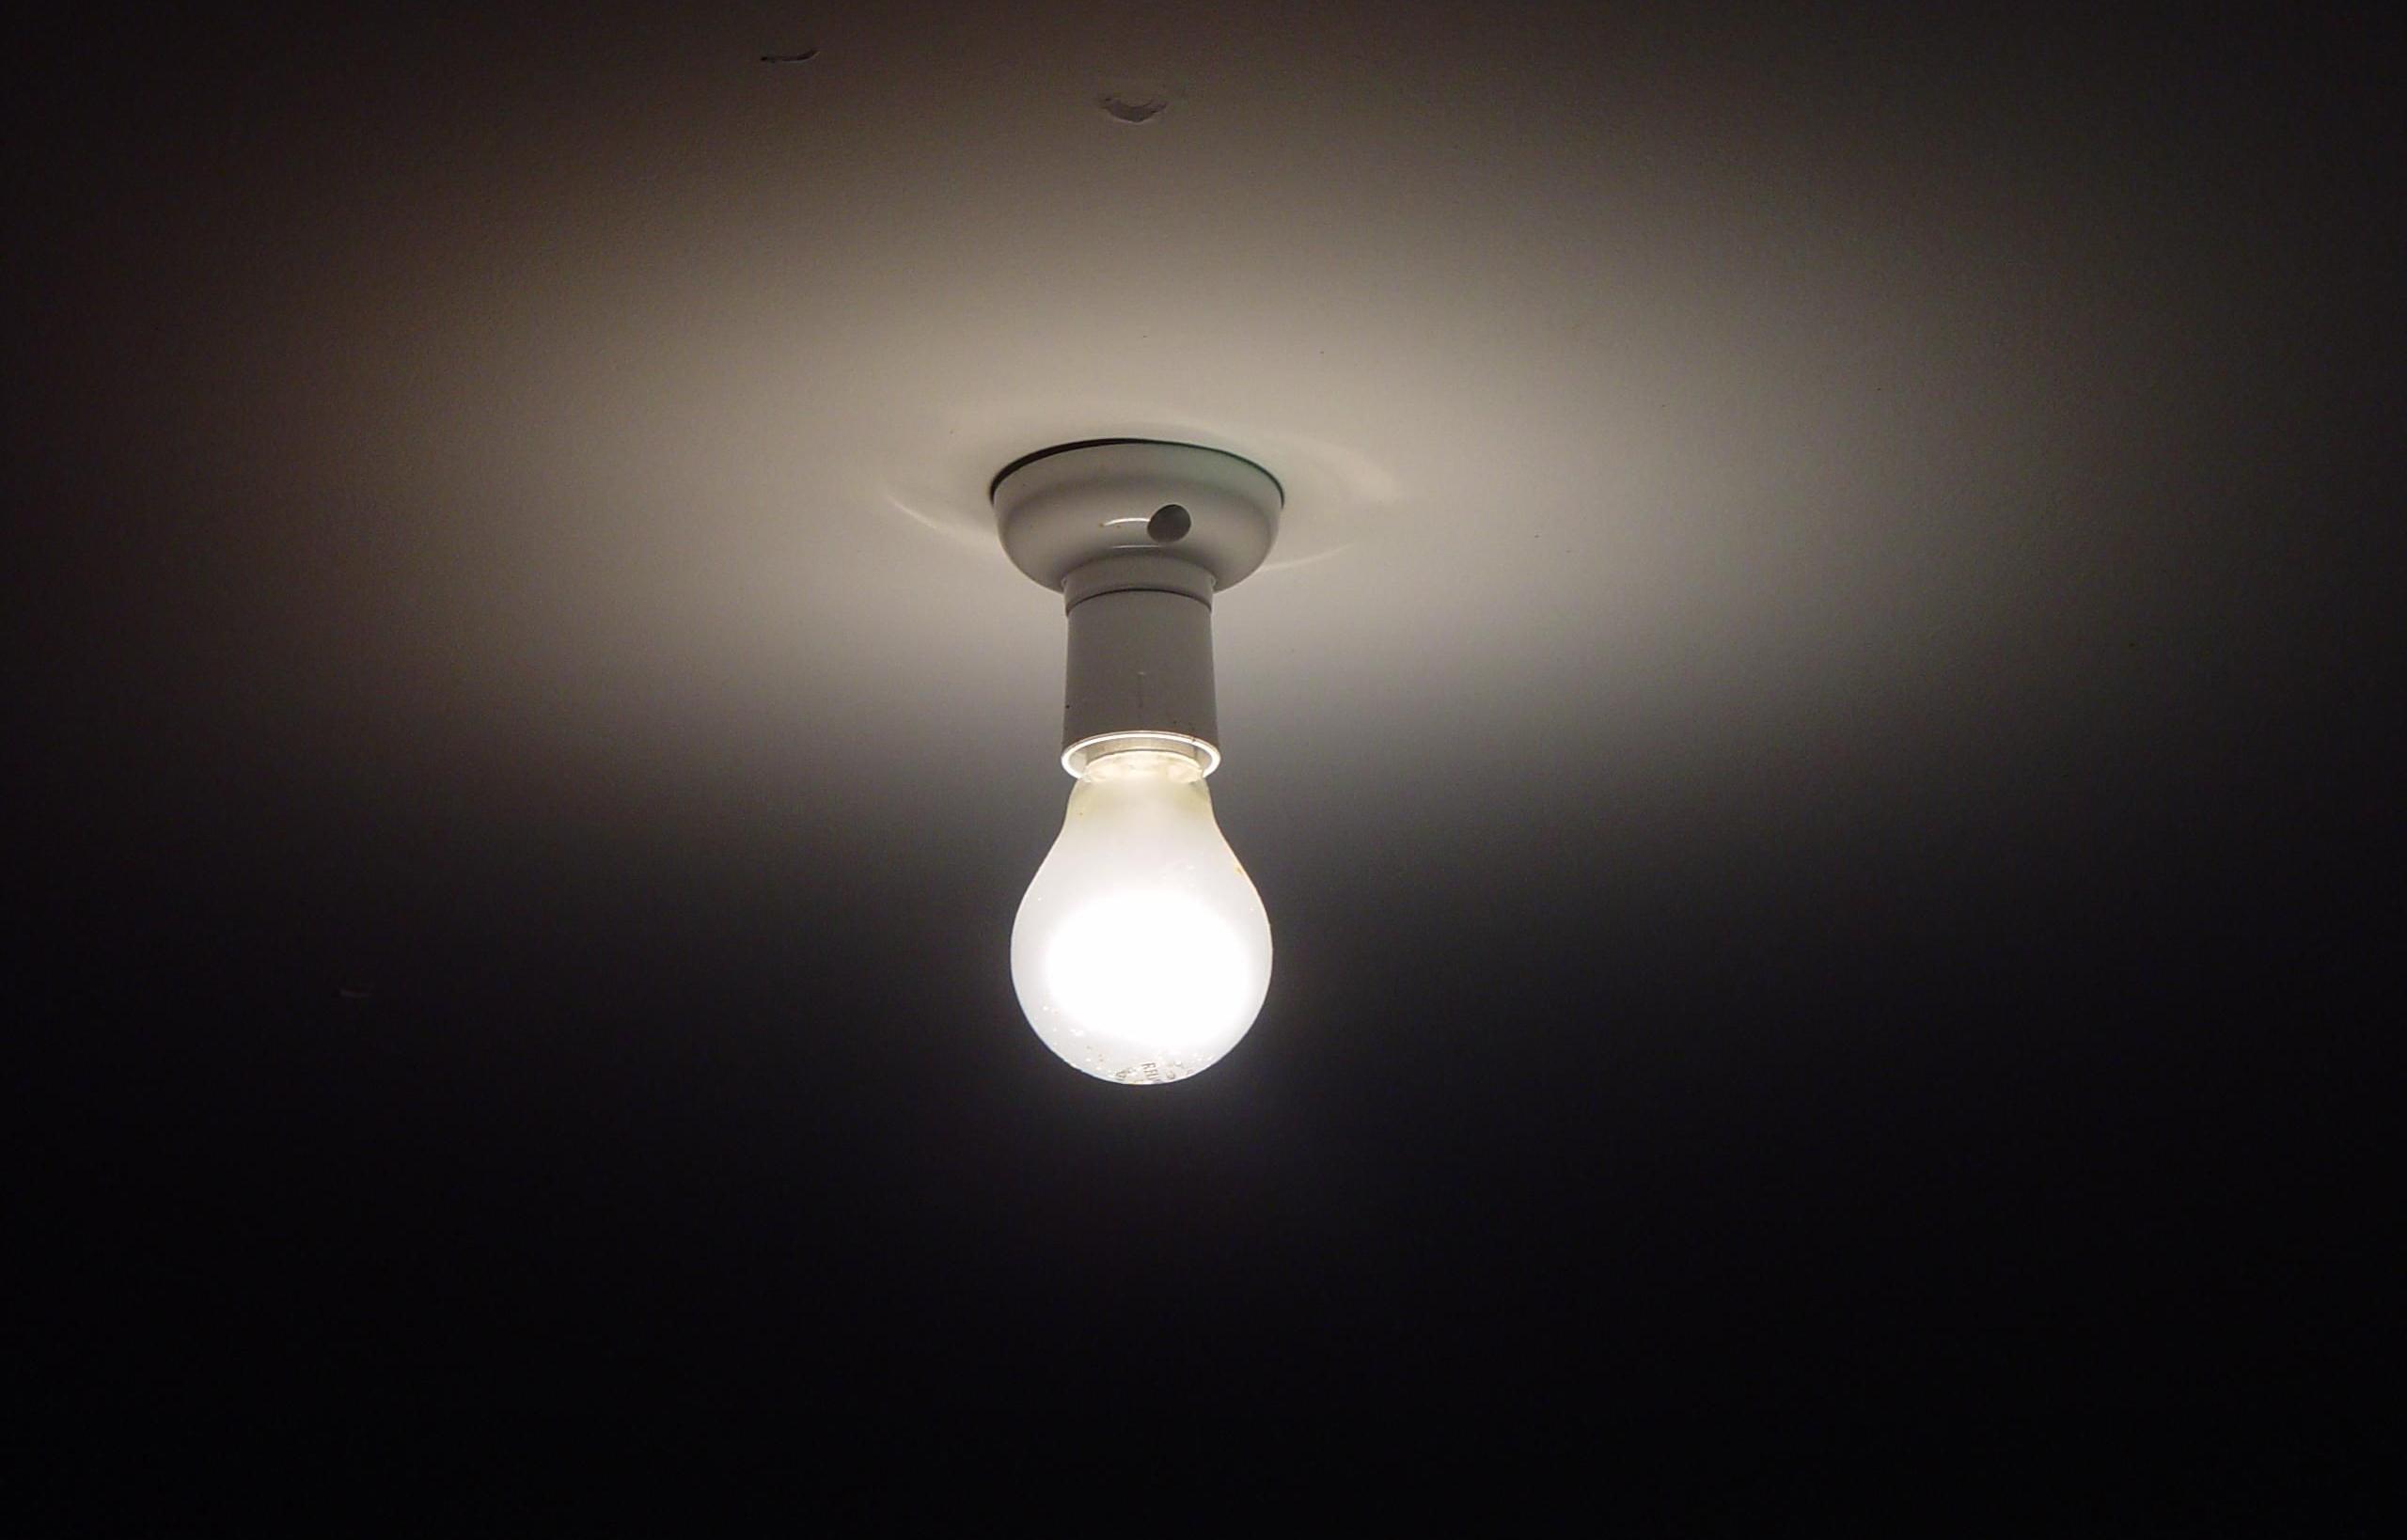 Lightbulb on the ceiling